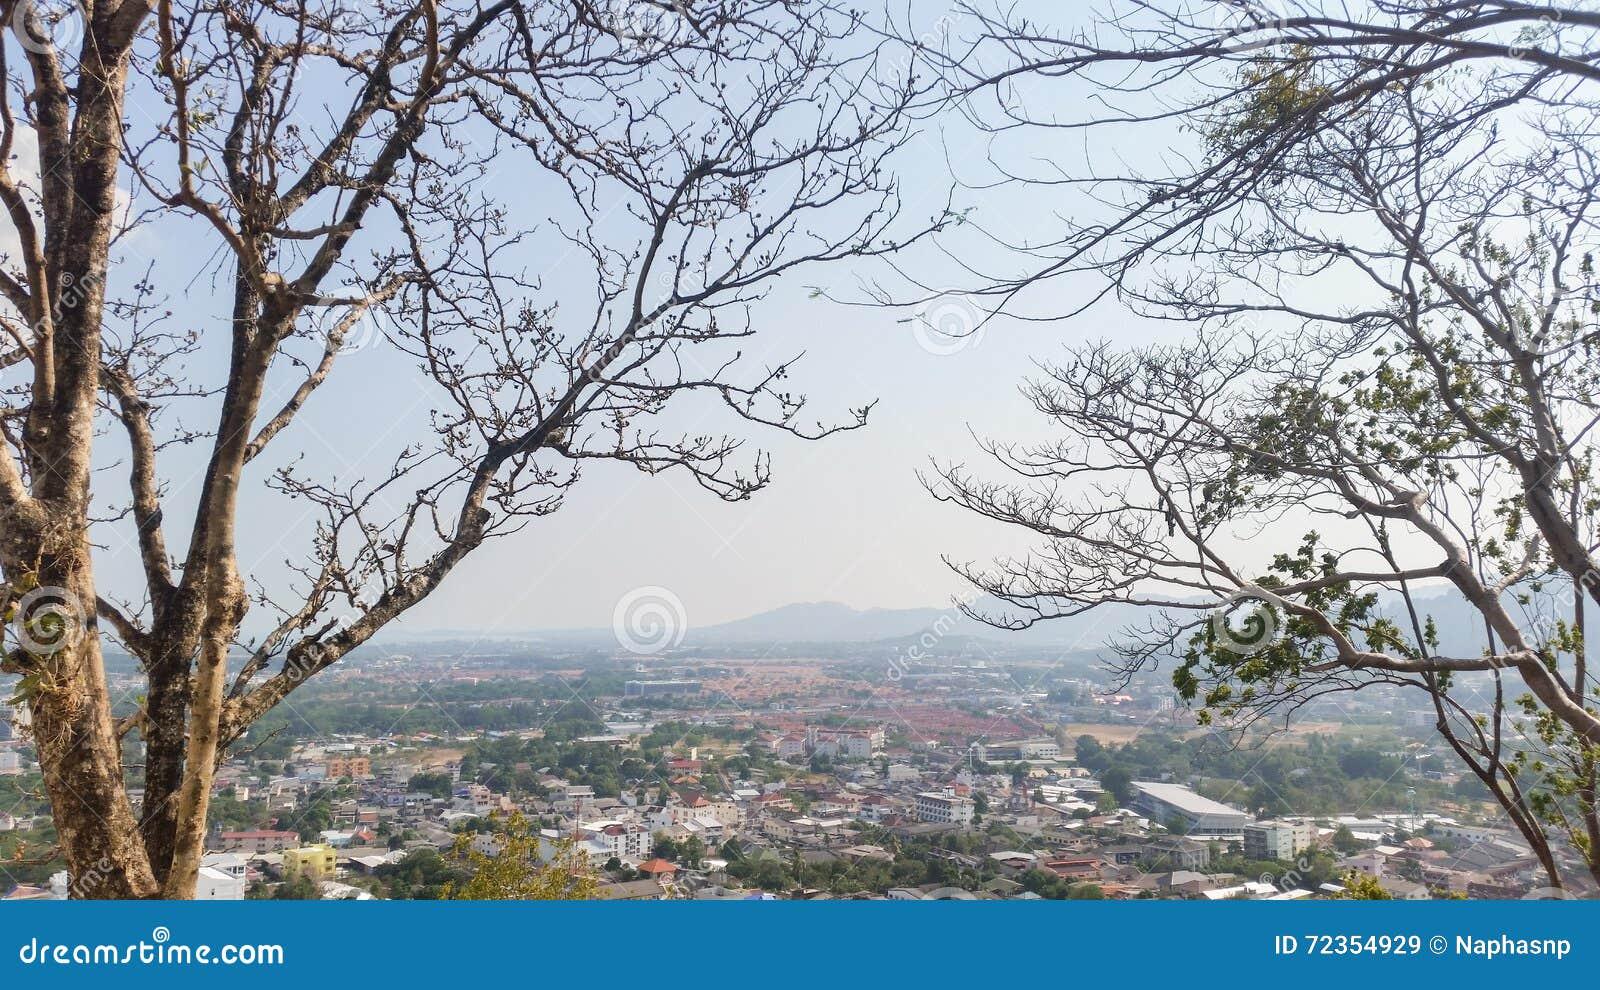 与普吉岛镇的树枝将从敲响了小山